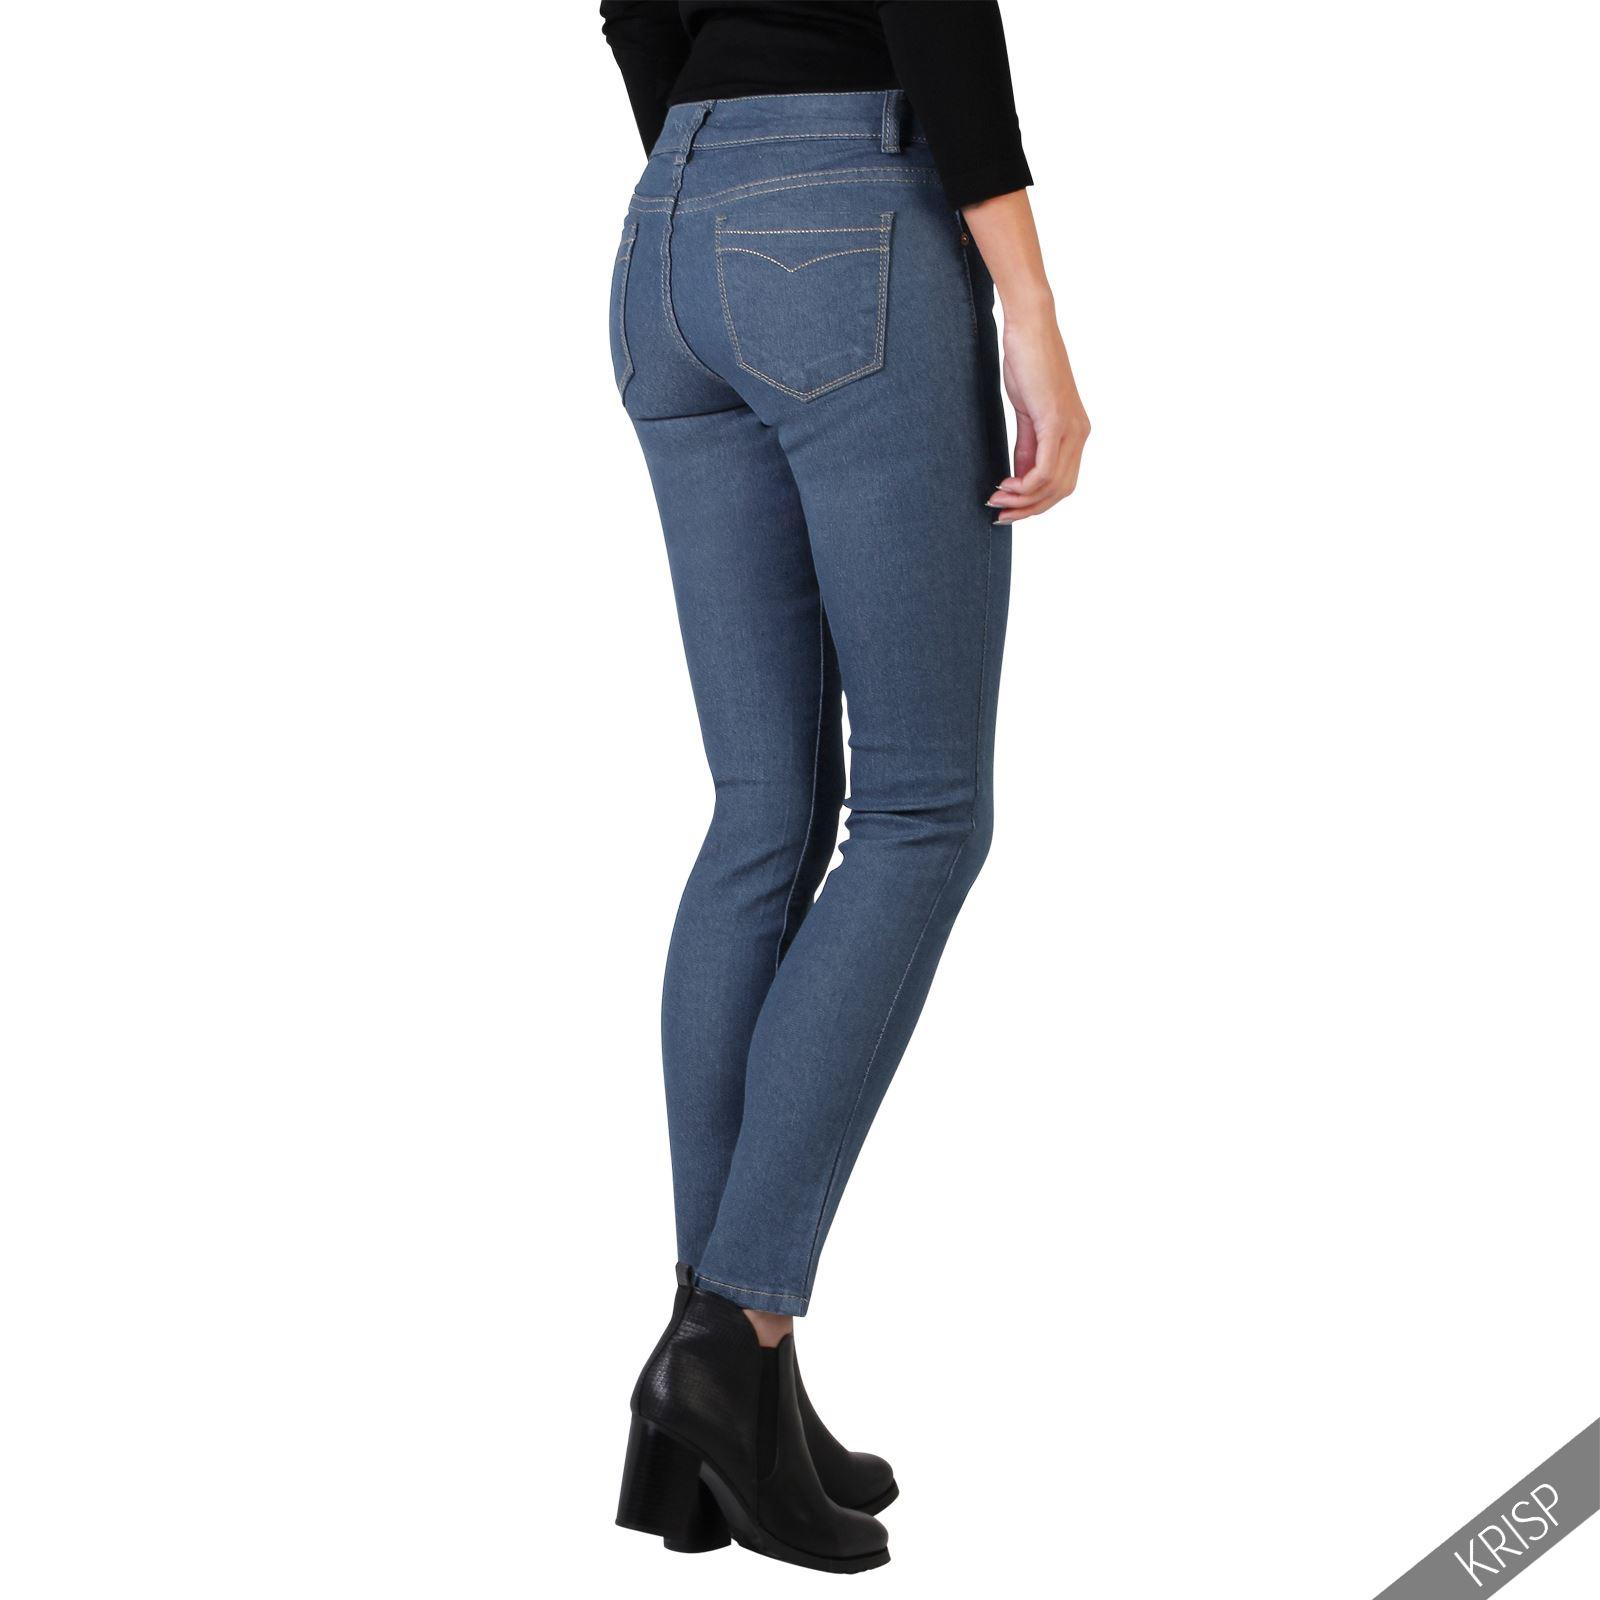 krisp london sale damen jeans stretch denim slim skinny g nstige jeans hosen. Black Bedroom Furniture Sets. Home Design Ideas